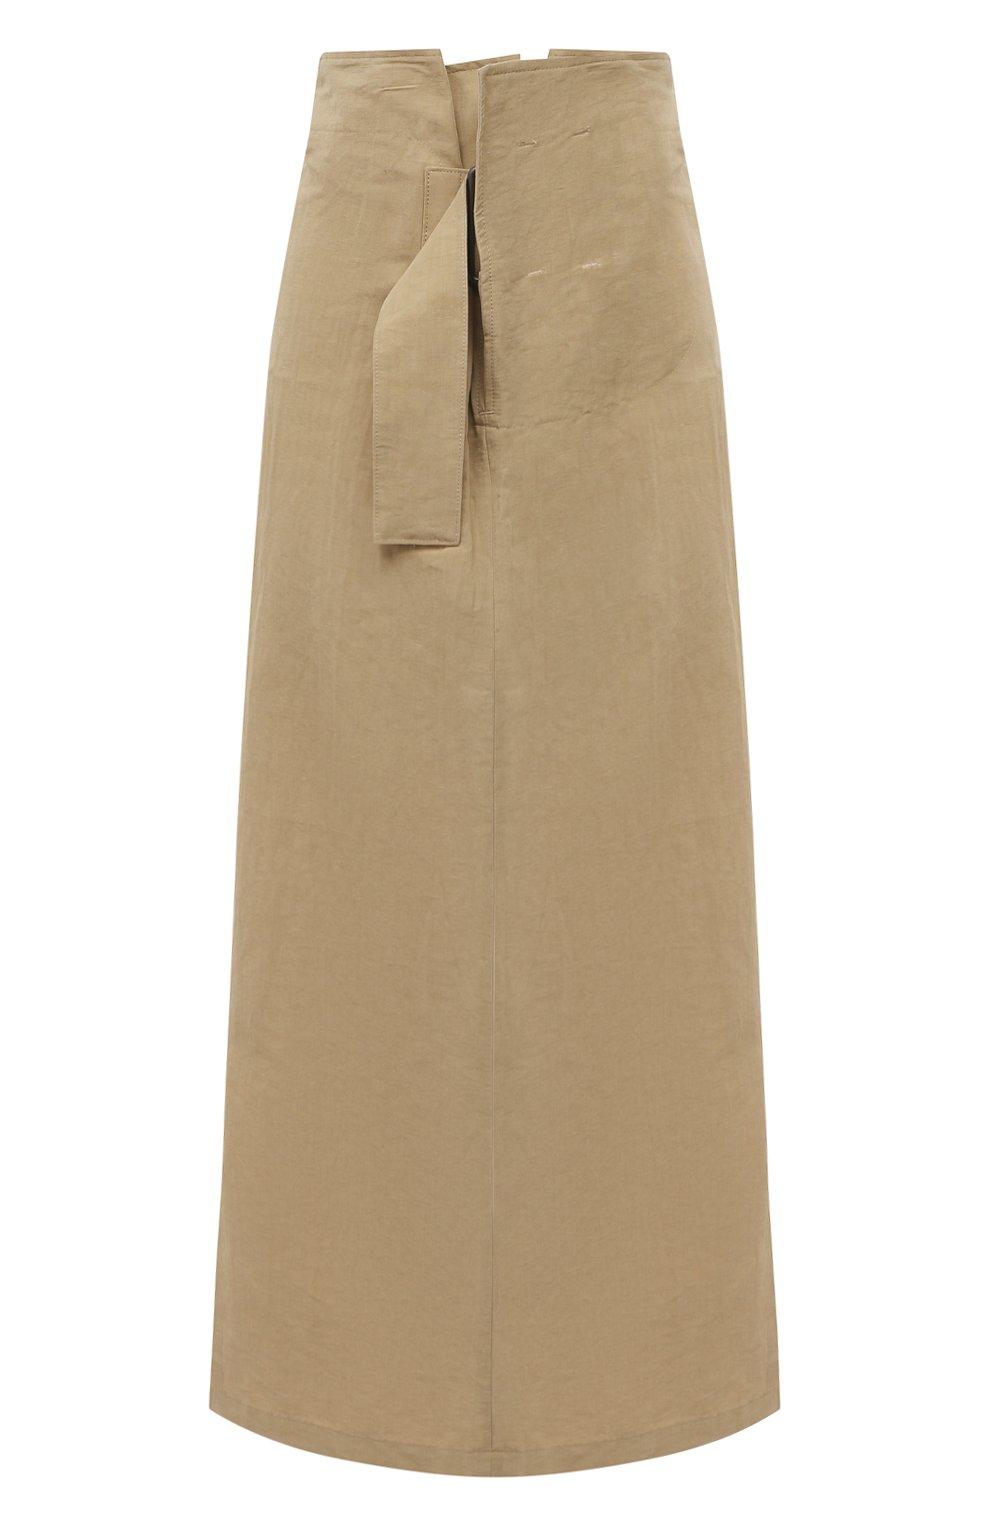 Женская юбка из льна и хлопка Y`S бежевого цвета, арт. YT-S40-330 | Фото 1 (Женское Кросс-КТ: Юбка-одежда; Материал внешний: Хлопок, Лен; Длина Ж (юбки, платья, шорты): Макси; Стили: Кэжуэл)